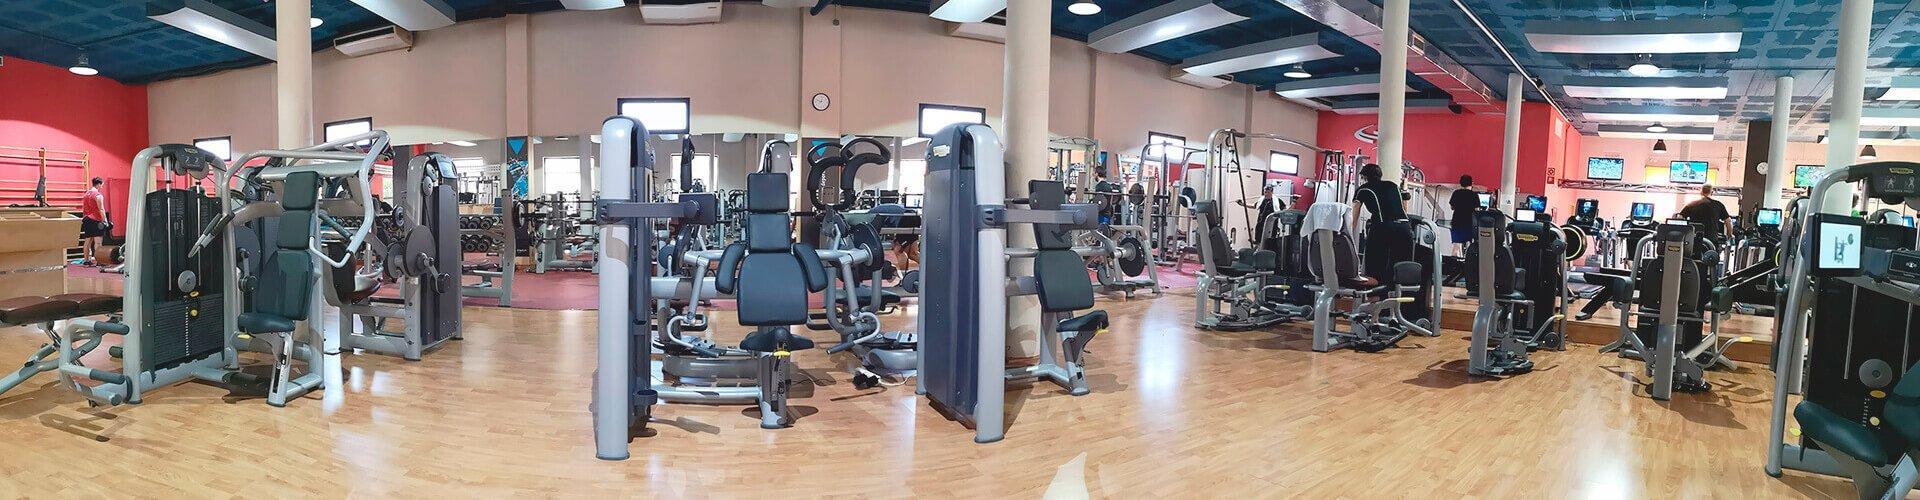 stadio-sala-fitness